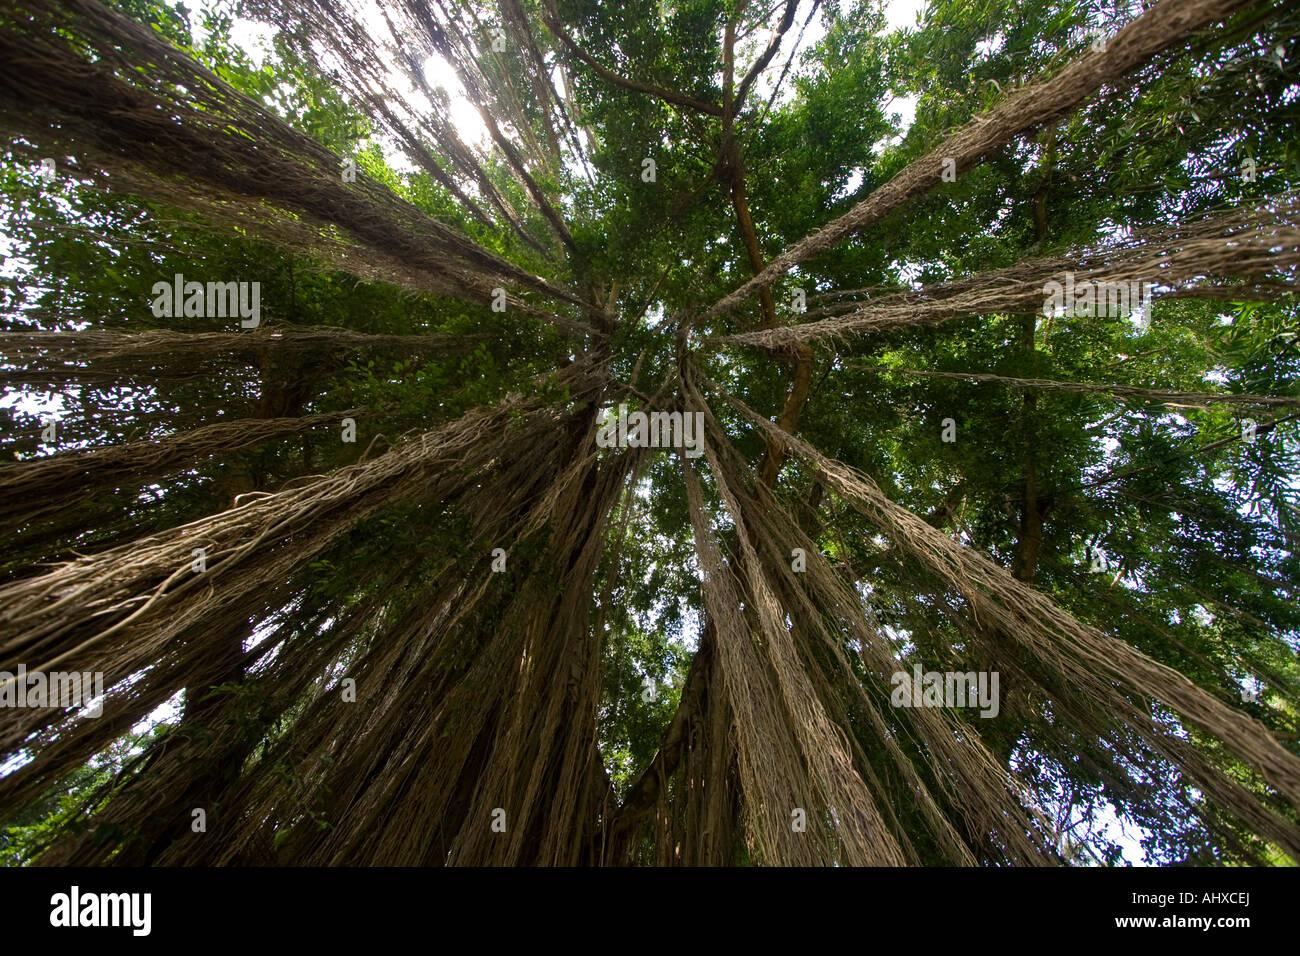 Sonne durch hängende Weinstock Baum Ayung Fluss Schlucht Ubud Bali Indonesien Stockbild